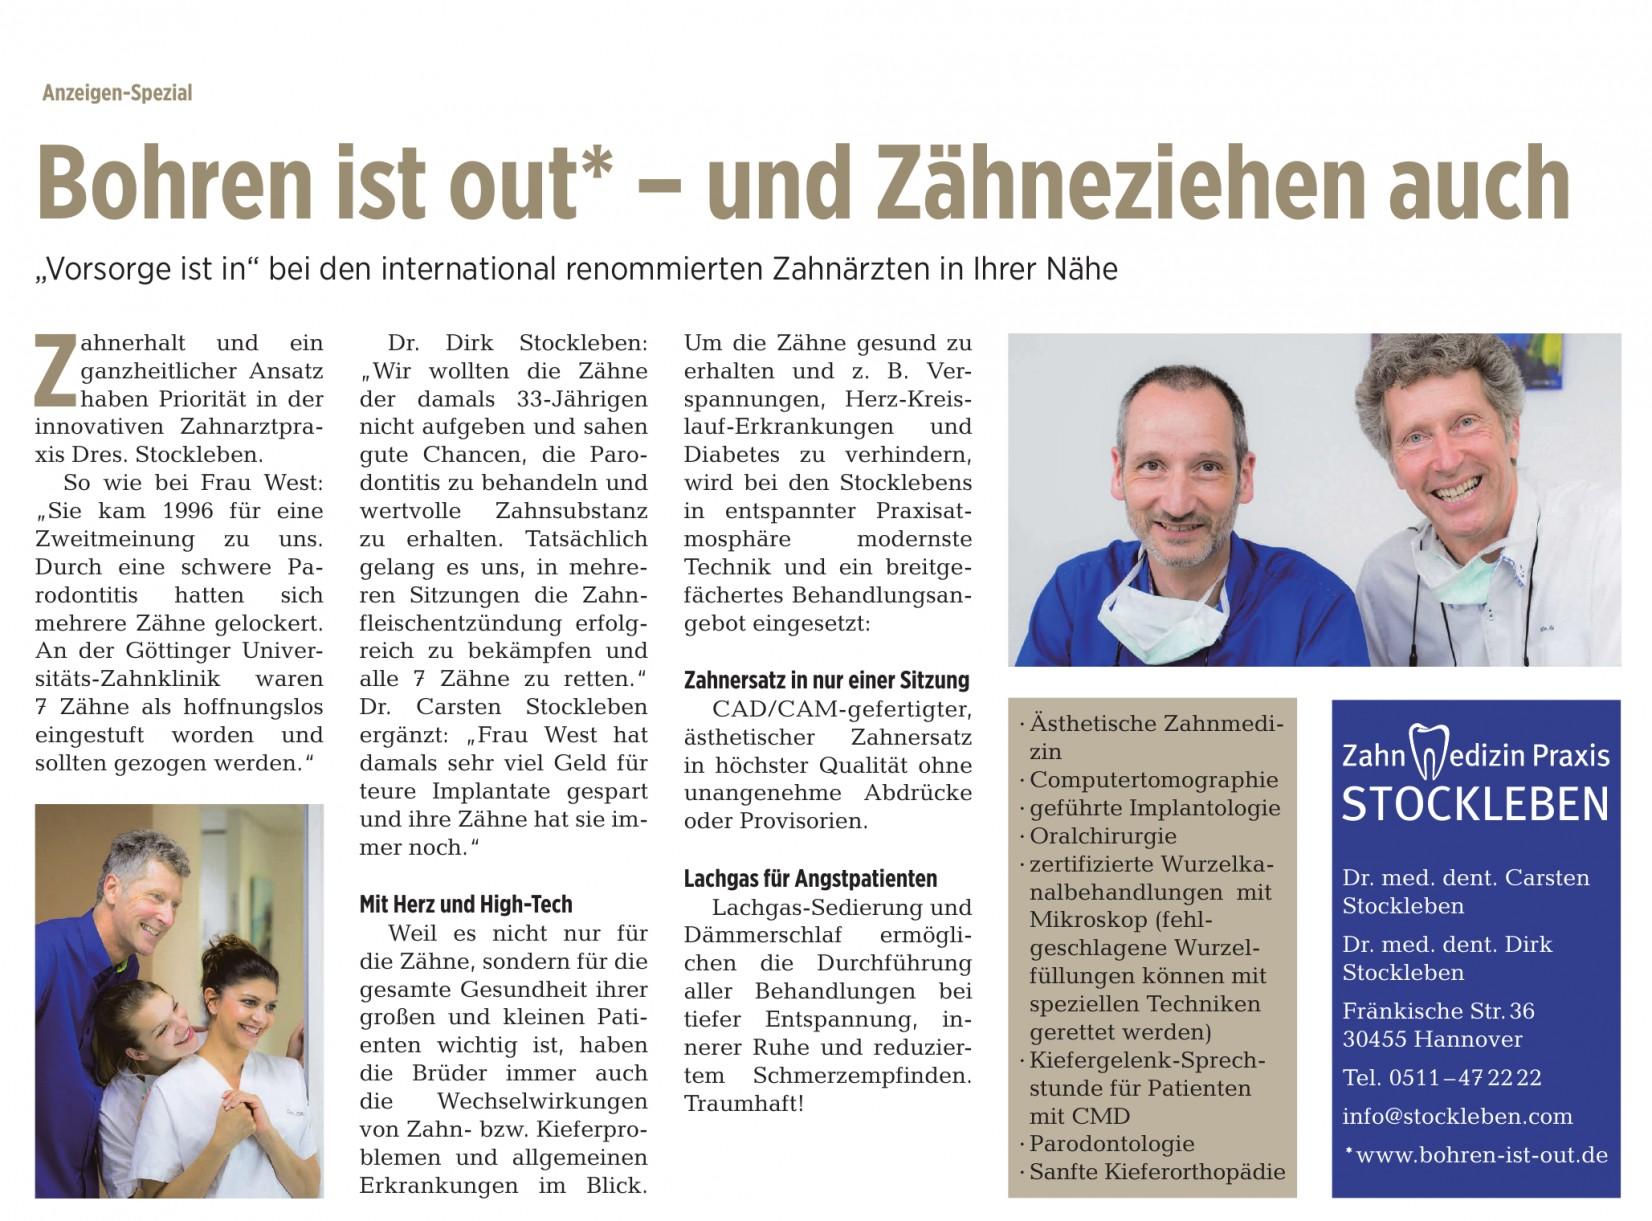 Praxis Dr. med. dent. Carsten Stockleben & Dr. med. dent. Dirk Stockleben